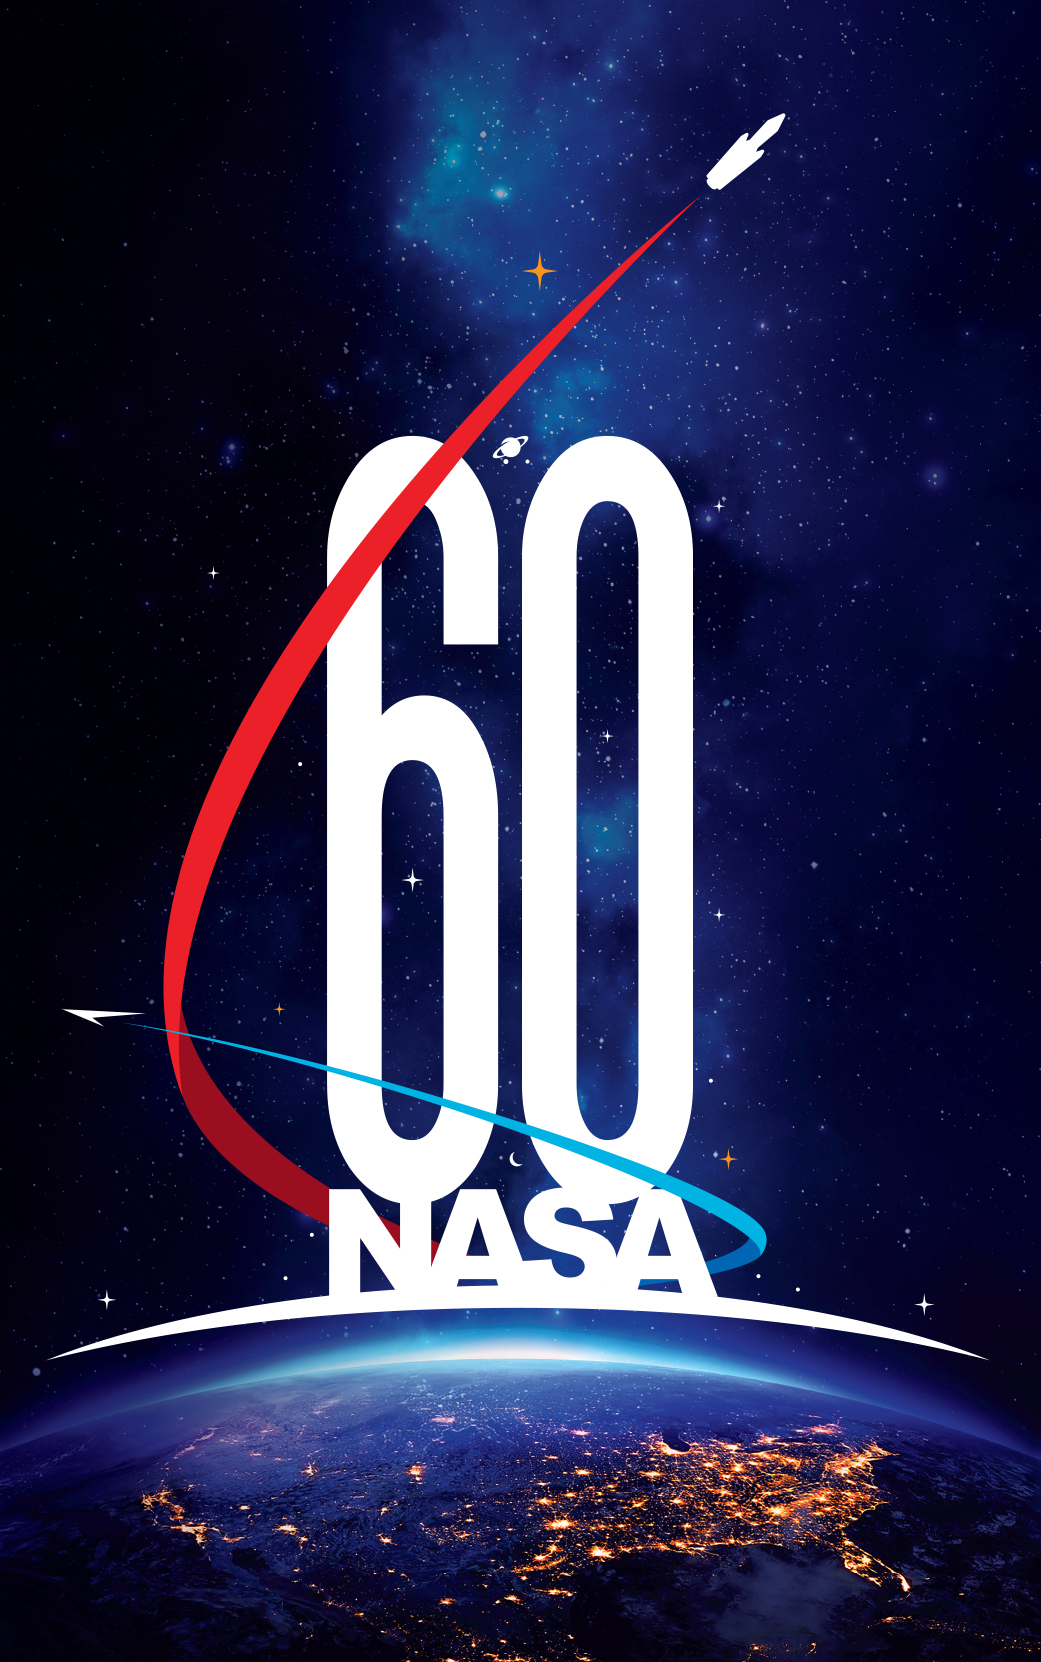 nasa-60-anniversary